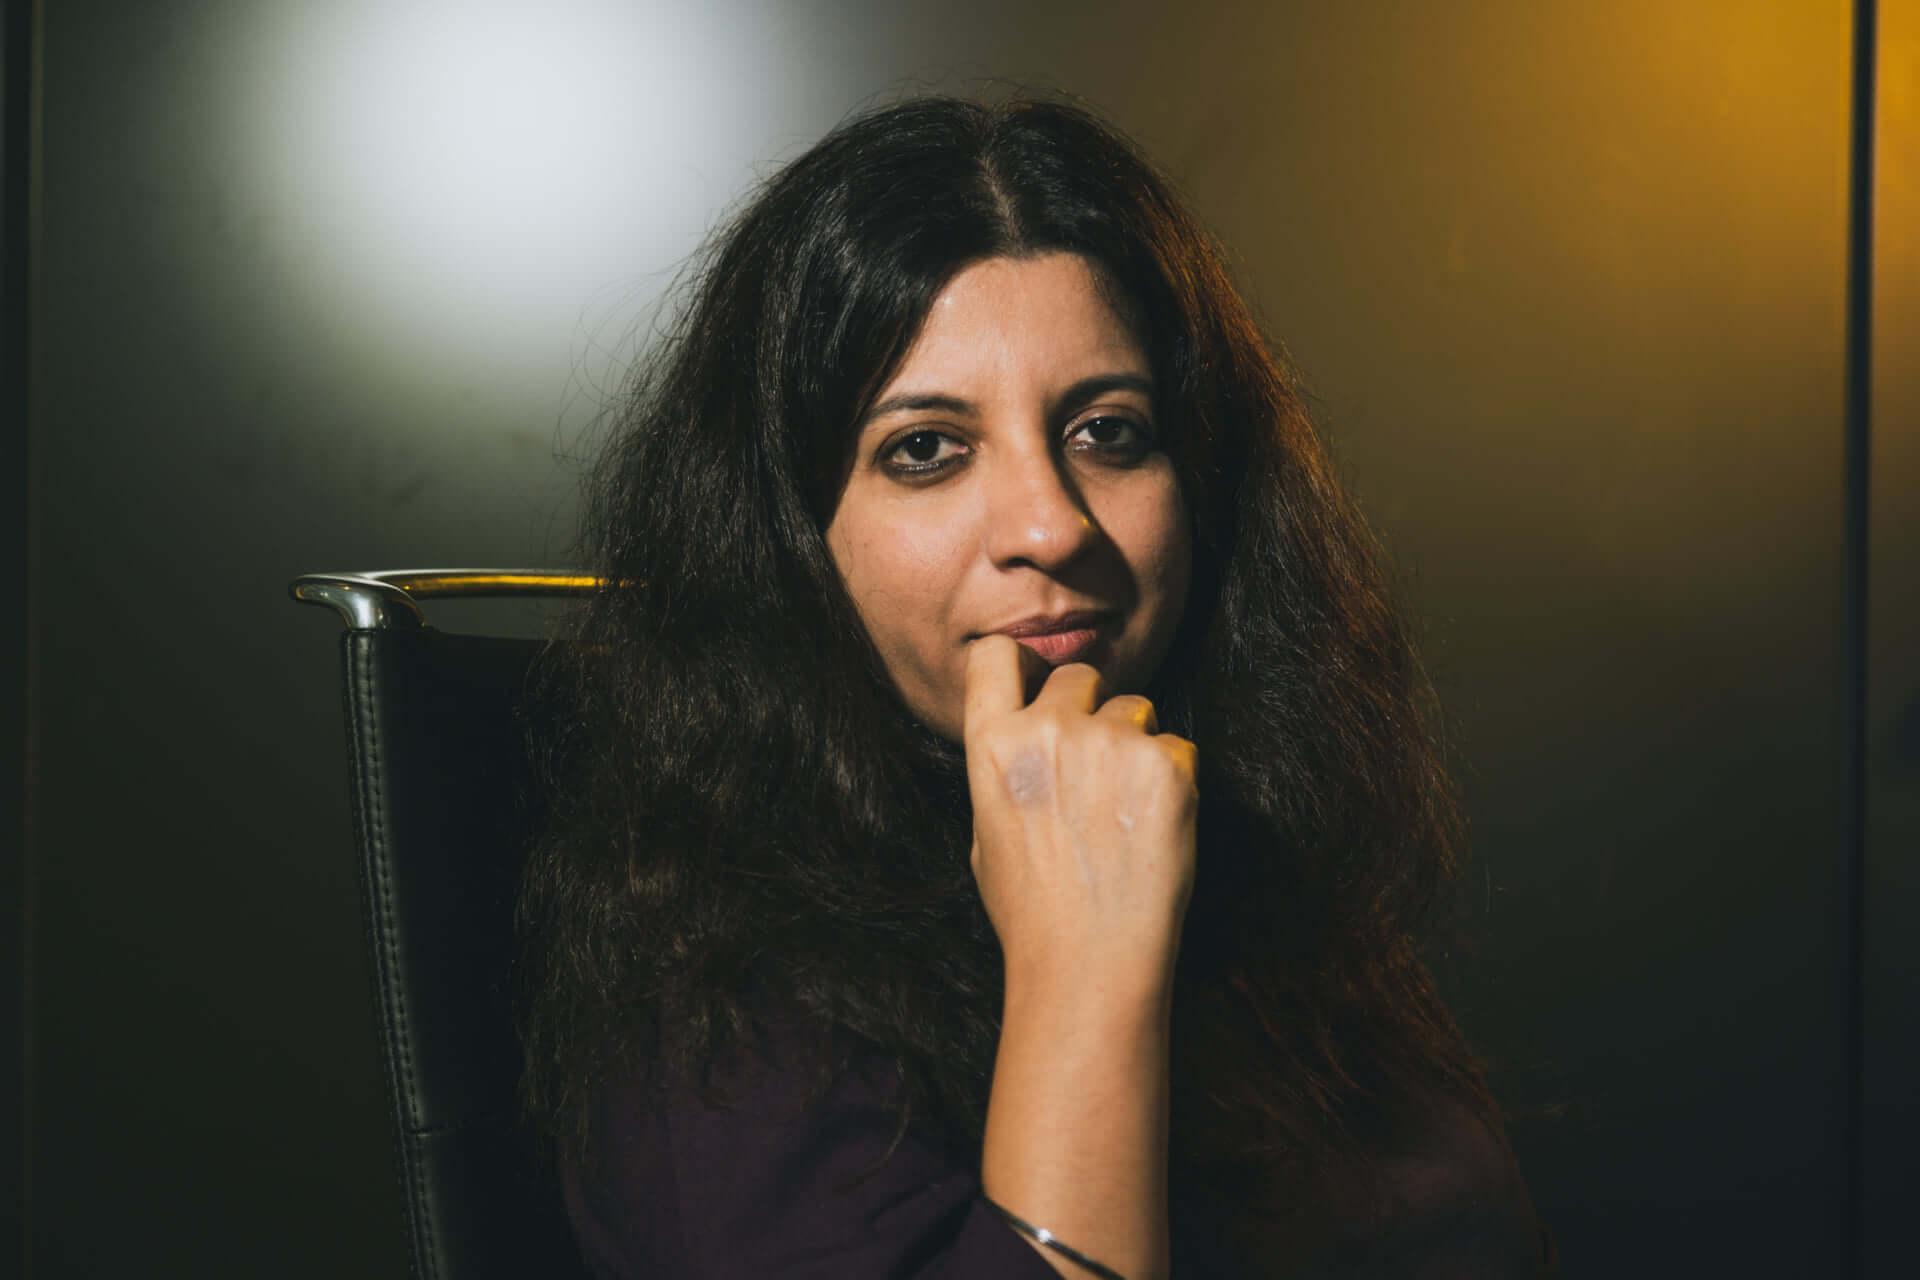 映画『ガリーボーイ』ゾーヤー・アクタル監督インタビュー|インドで誰もが共感するヒップホップ映画が誕生するまで interview1002_garryboy_3283-1920x1280